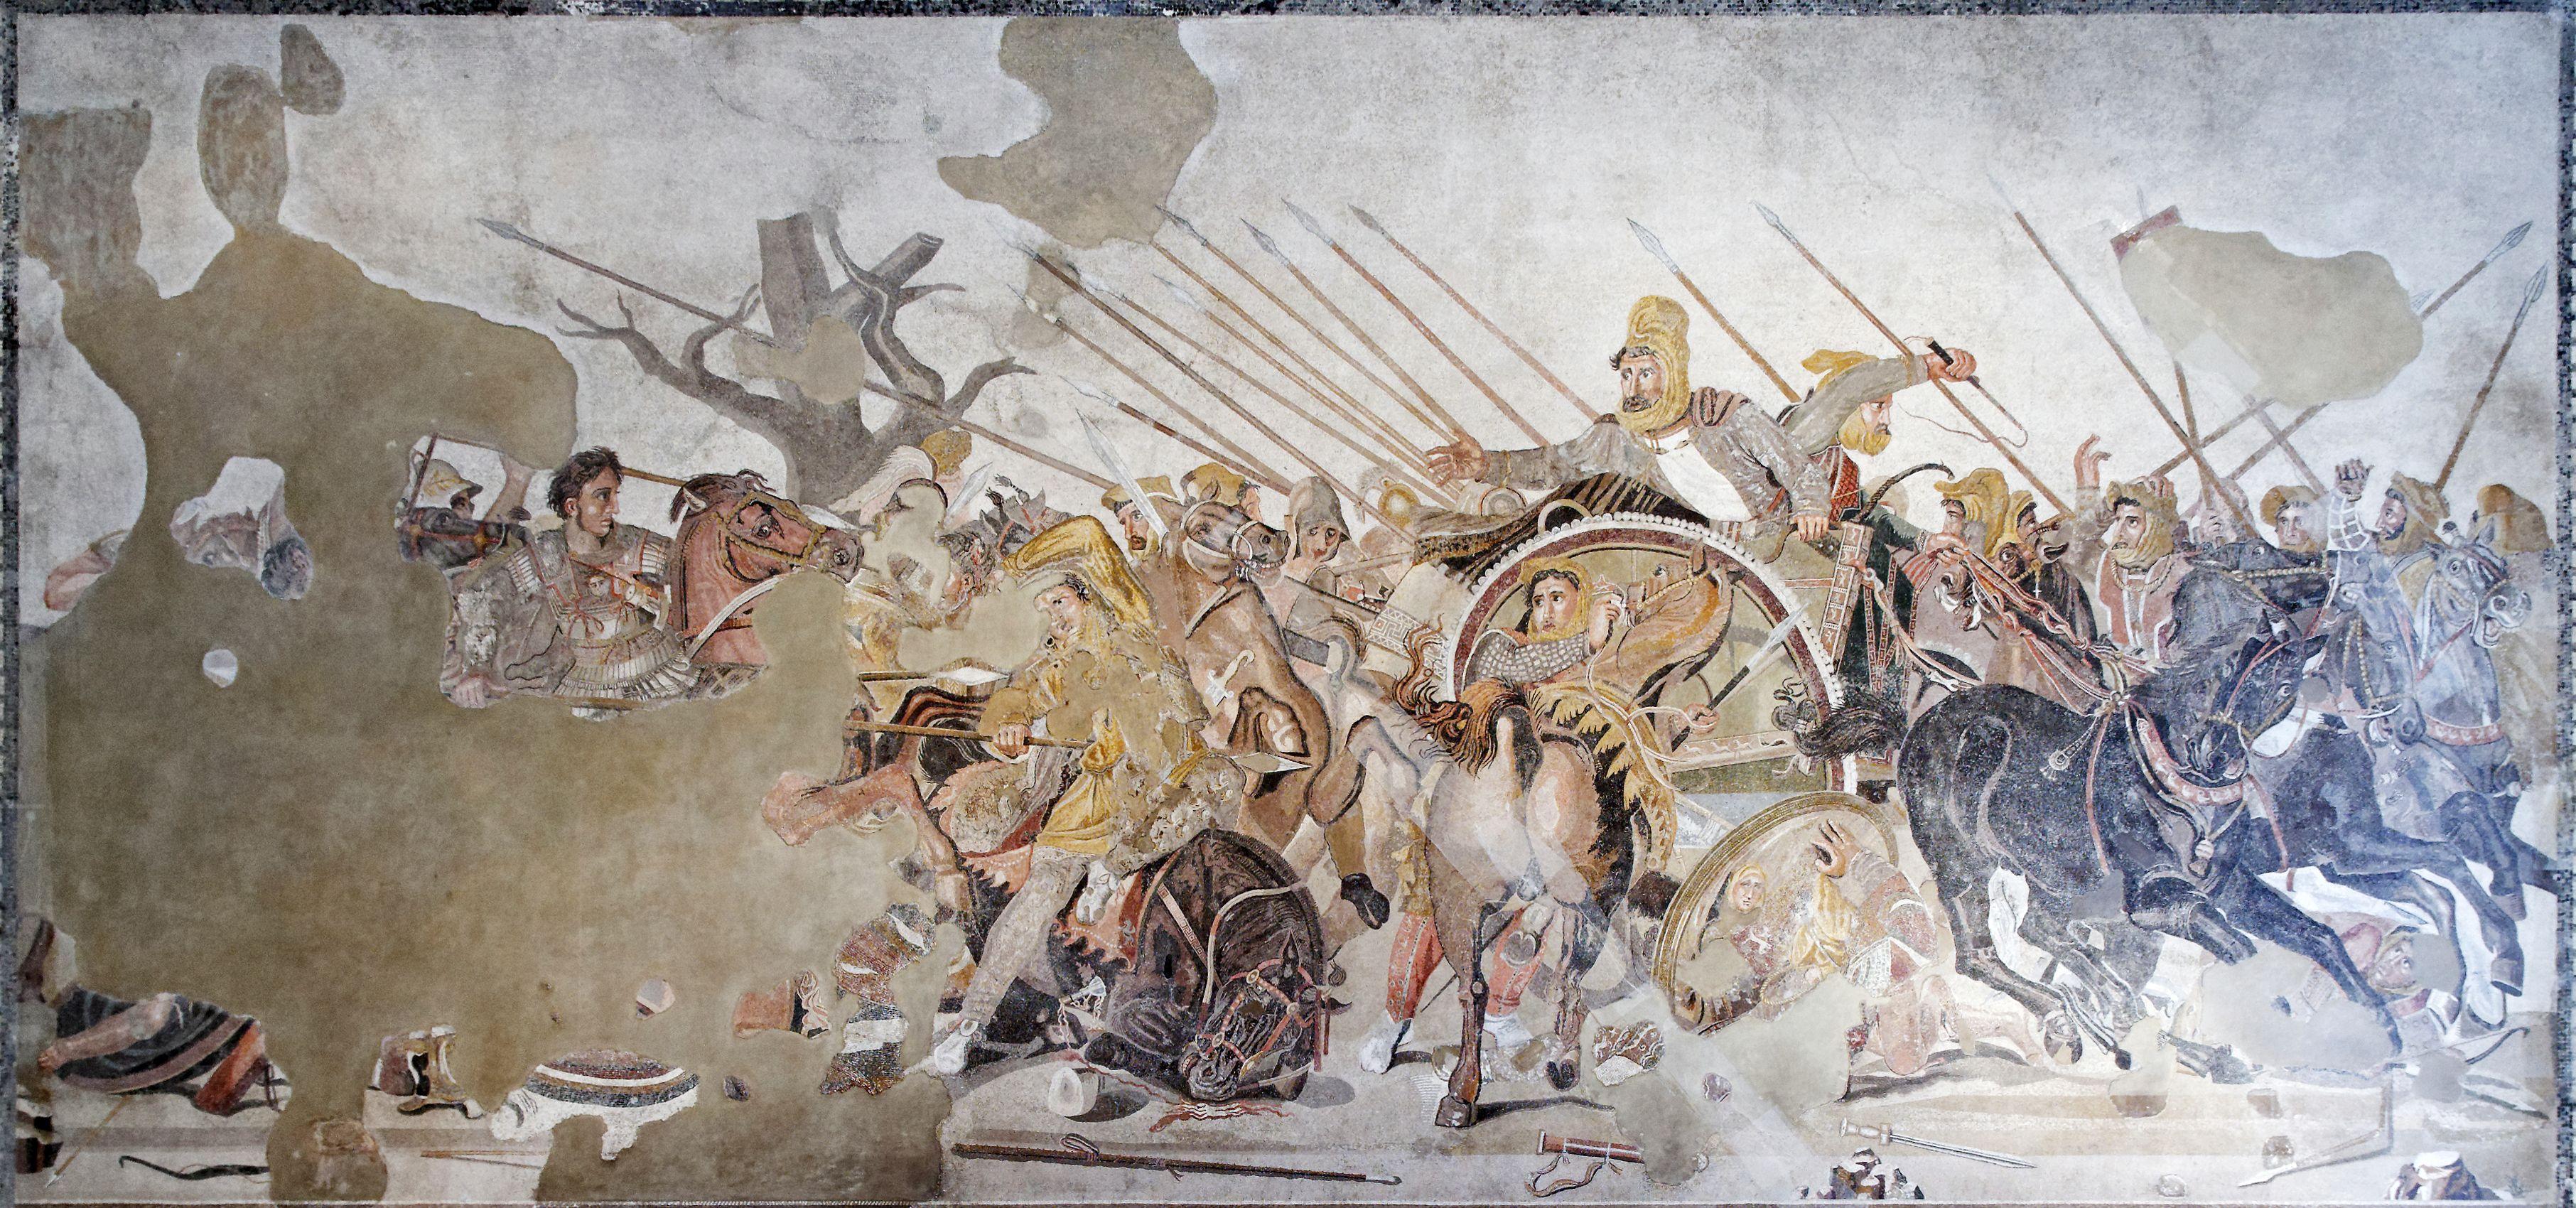 """Il Direttore del MANN (Museo Archeologico Nazionale di Napoli) ha affermato che """"scriviamo insieme una pagina importante nella storia del Museo Archeologico Nazionale di Napoli e quindi della conservazione dei [...]"""